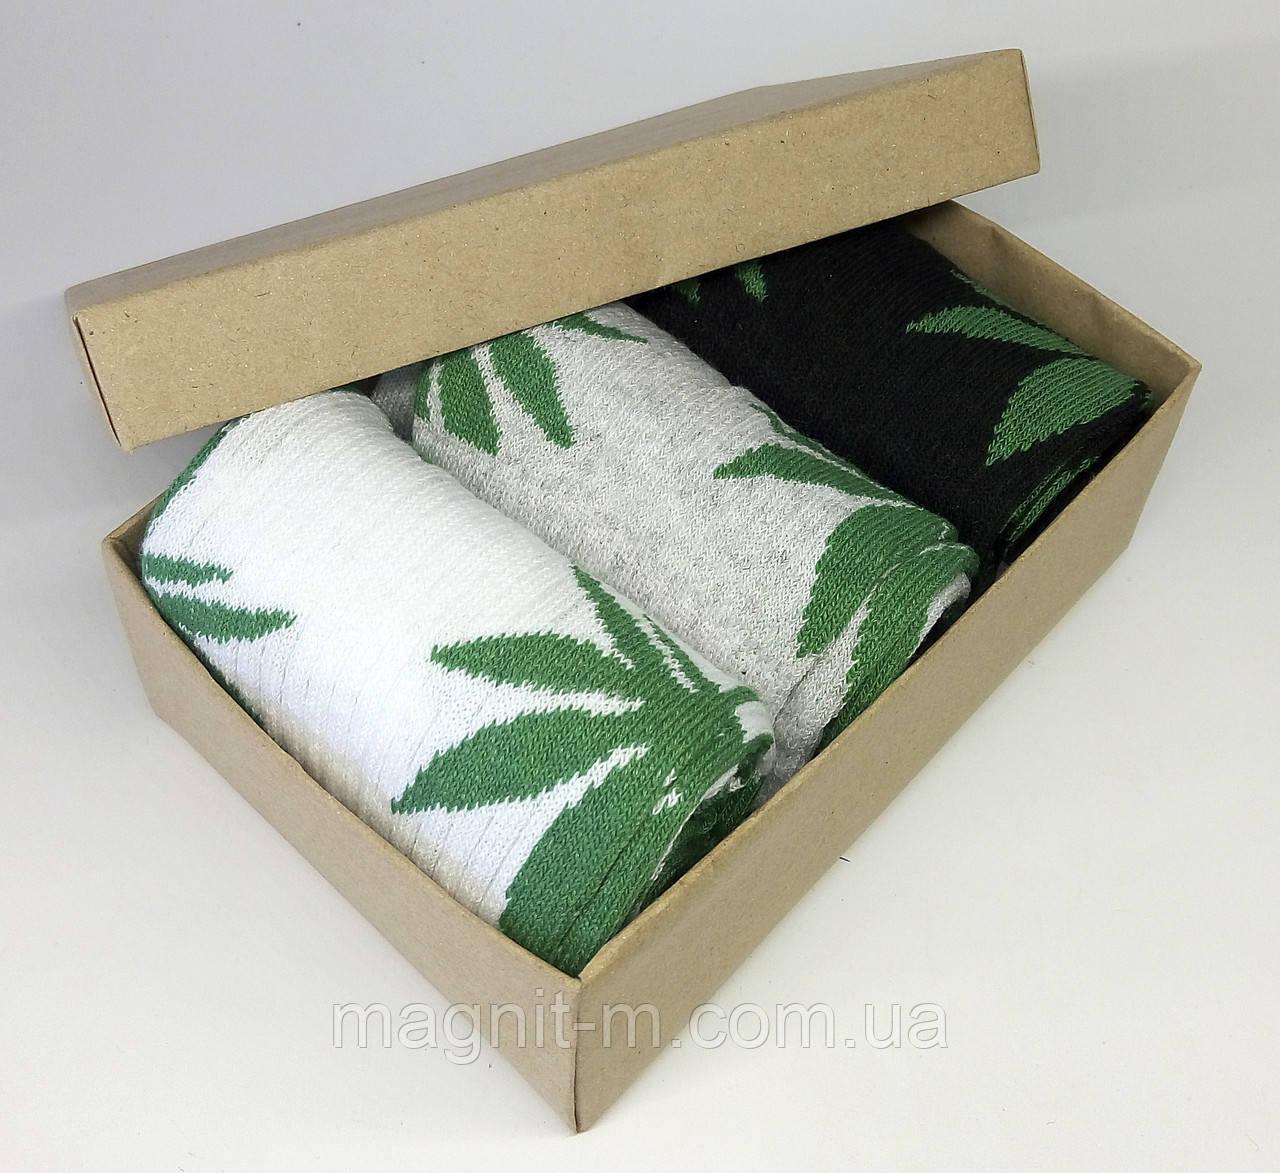 46007bdc91f2 Набор мужских носков в подарочной картонной коробке. Конопля: оптовые цены.  ...